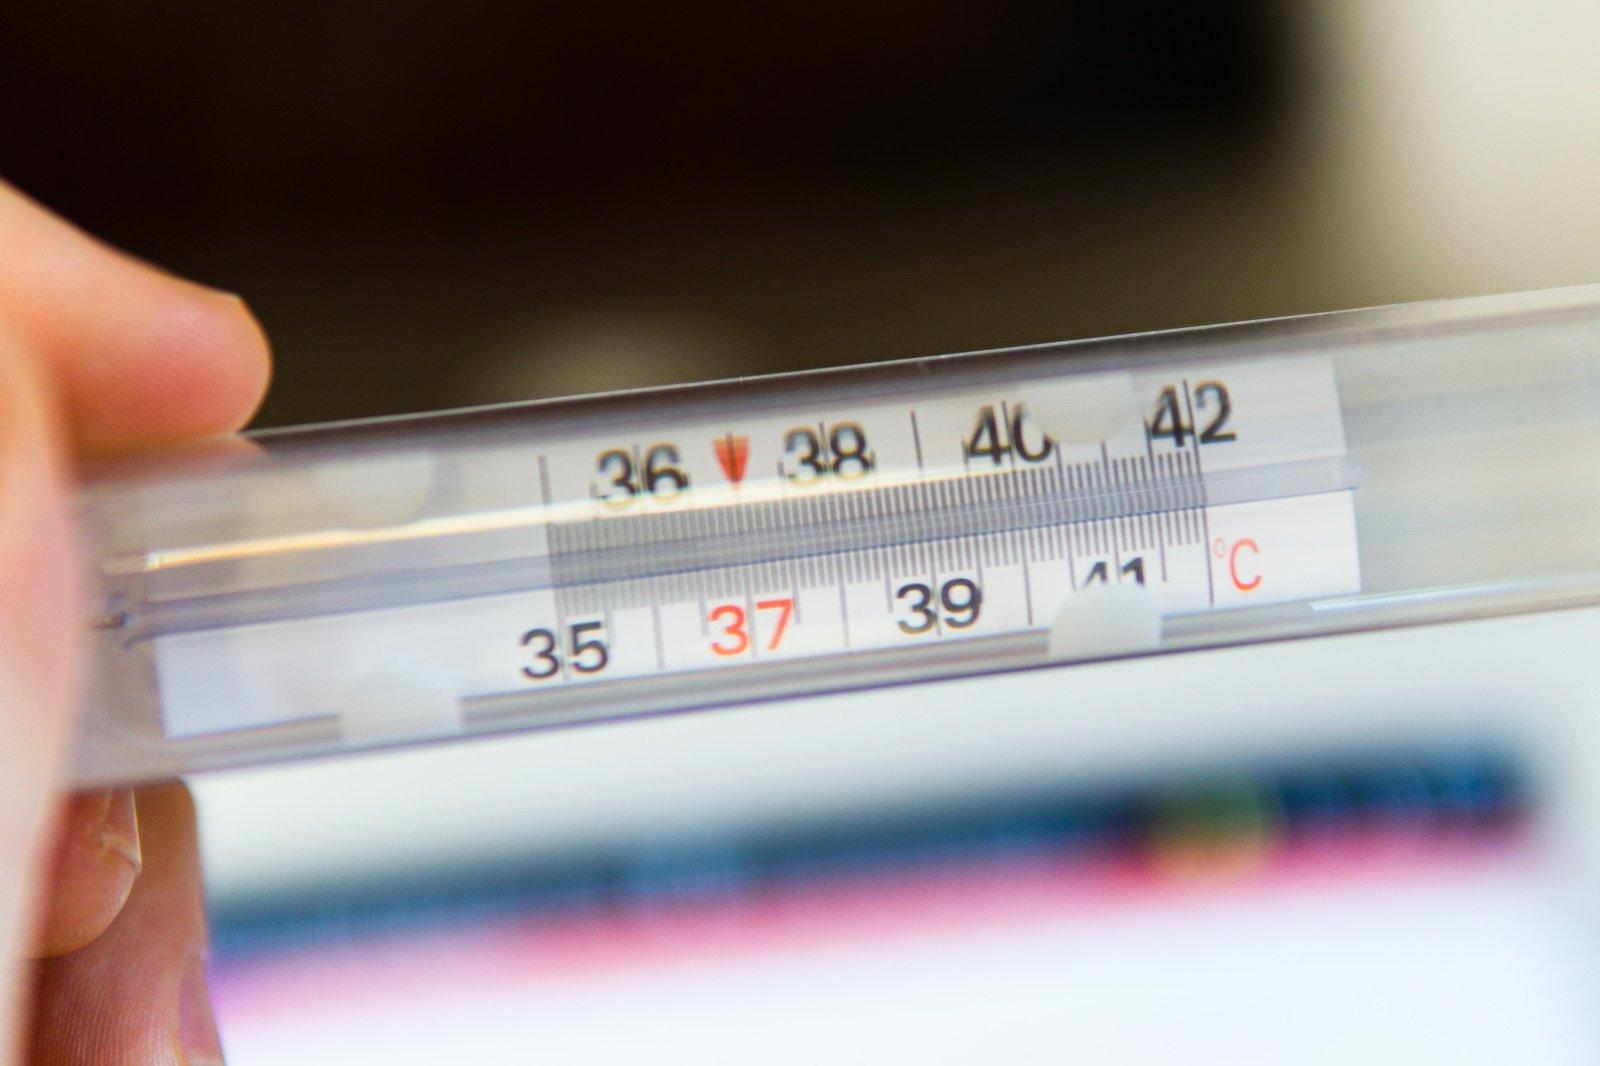 Keičiasi normalia laikytina žmonių kūno temperatūra: pokyčiai fiksuojami atokiausiose pasaulio vietose